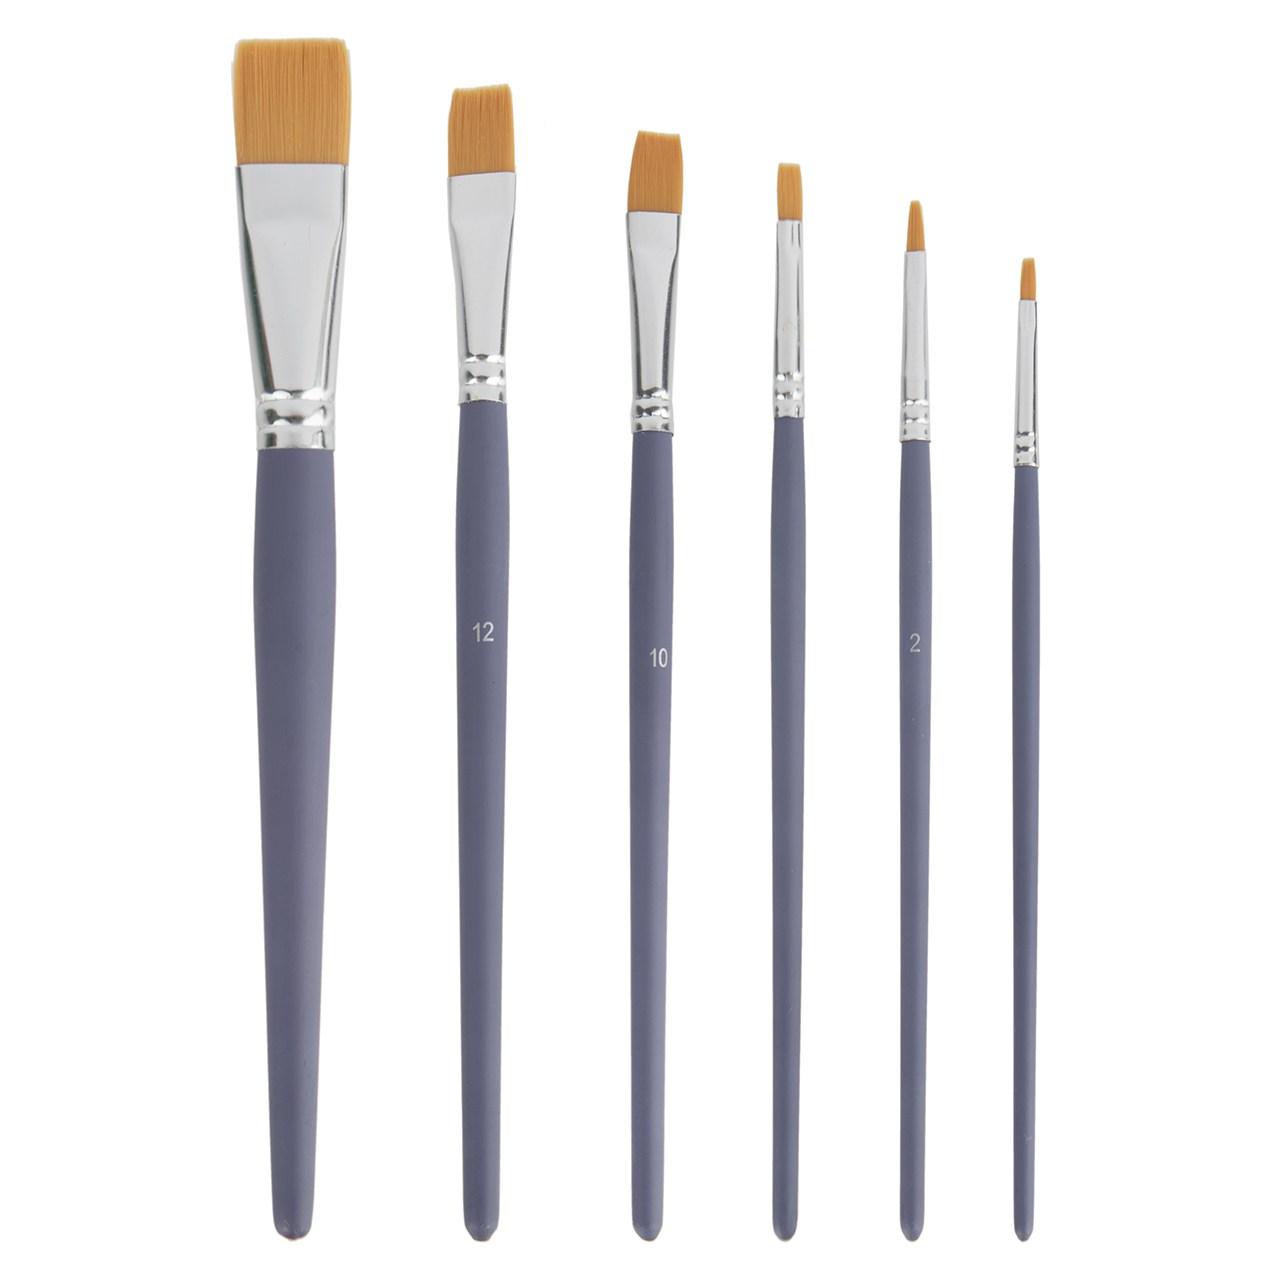 قلم مو پبئو مدل 951140 بستهی 6 عددی